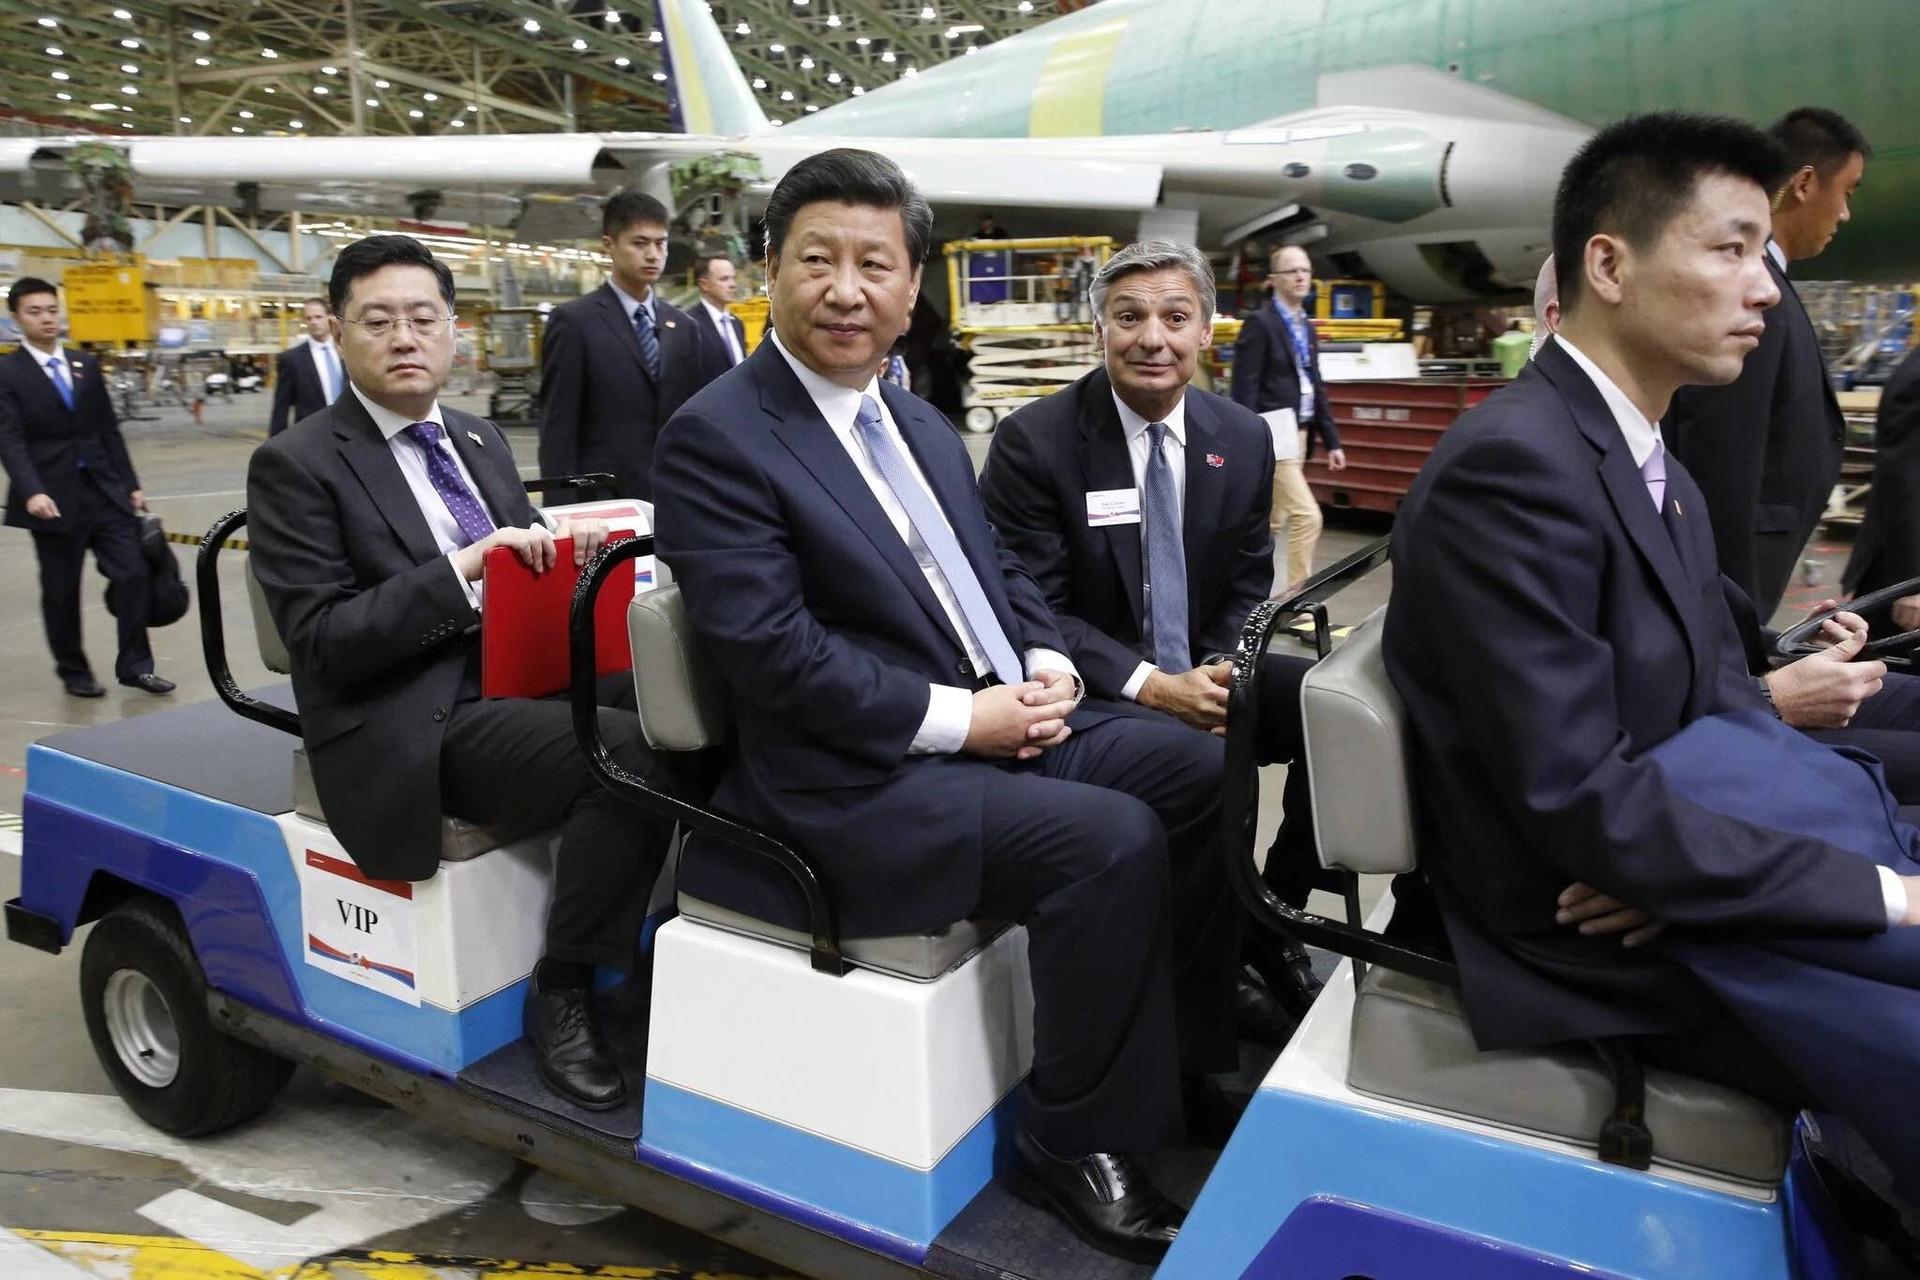 Đại sứ Trung Quốc tại Mỹ Tần Cương tháp tùng Chủ tịch Tập Cận Bình trong chuyến thăm Mỹ năm 2015. (Nguồn: New York Times)